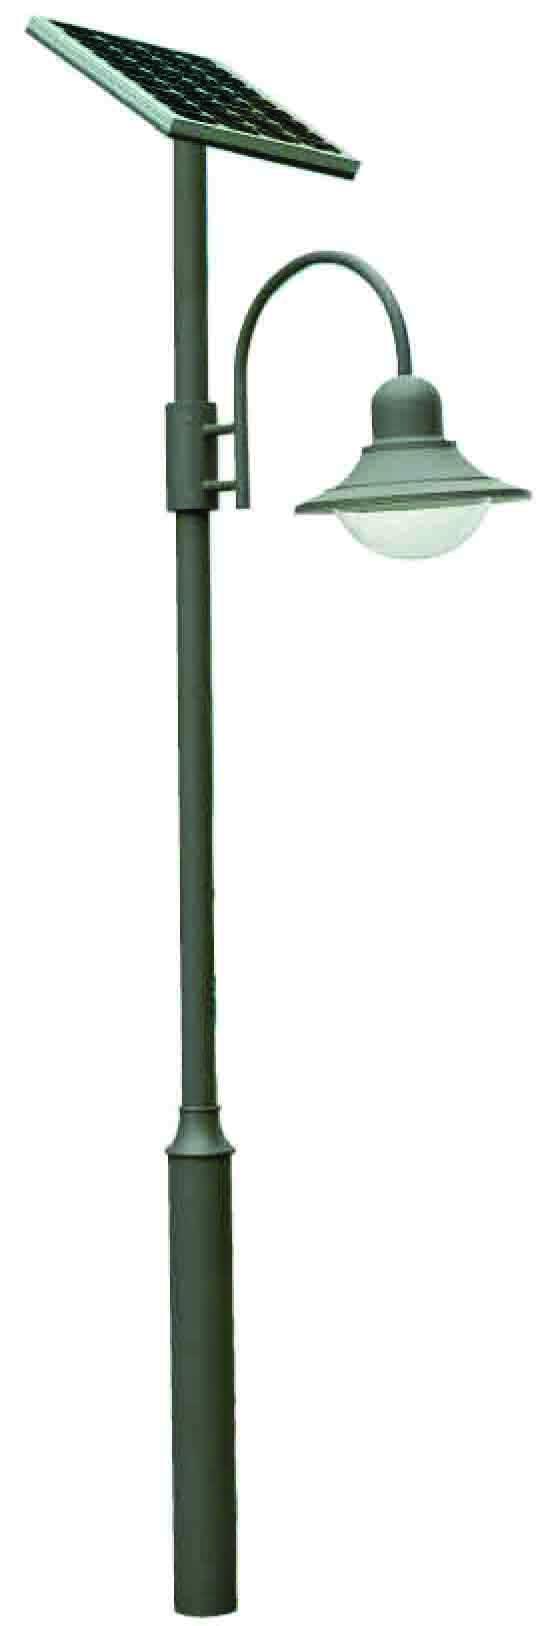 Lampu Taman Tenaga Surya Type 8901